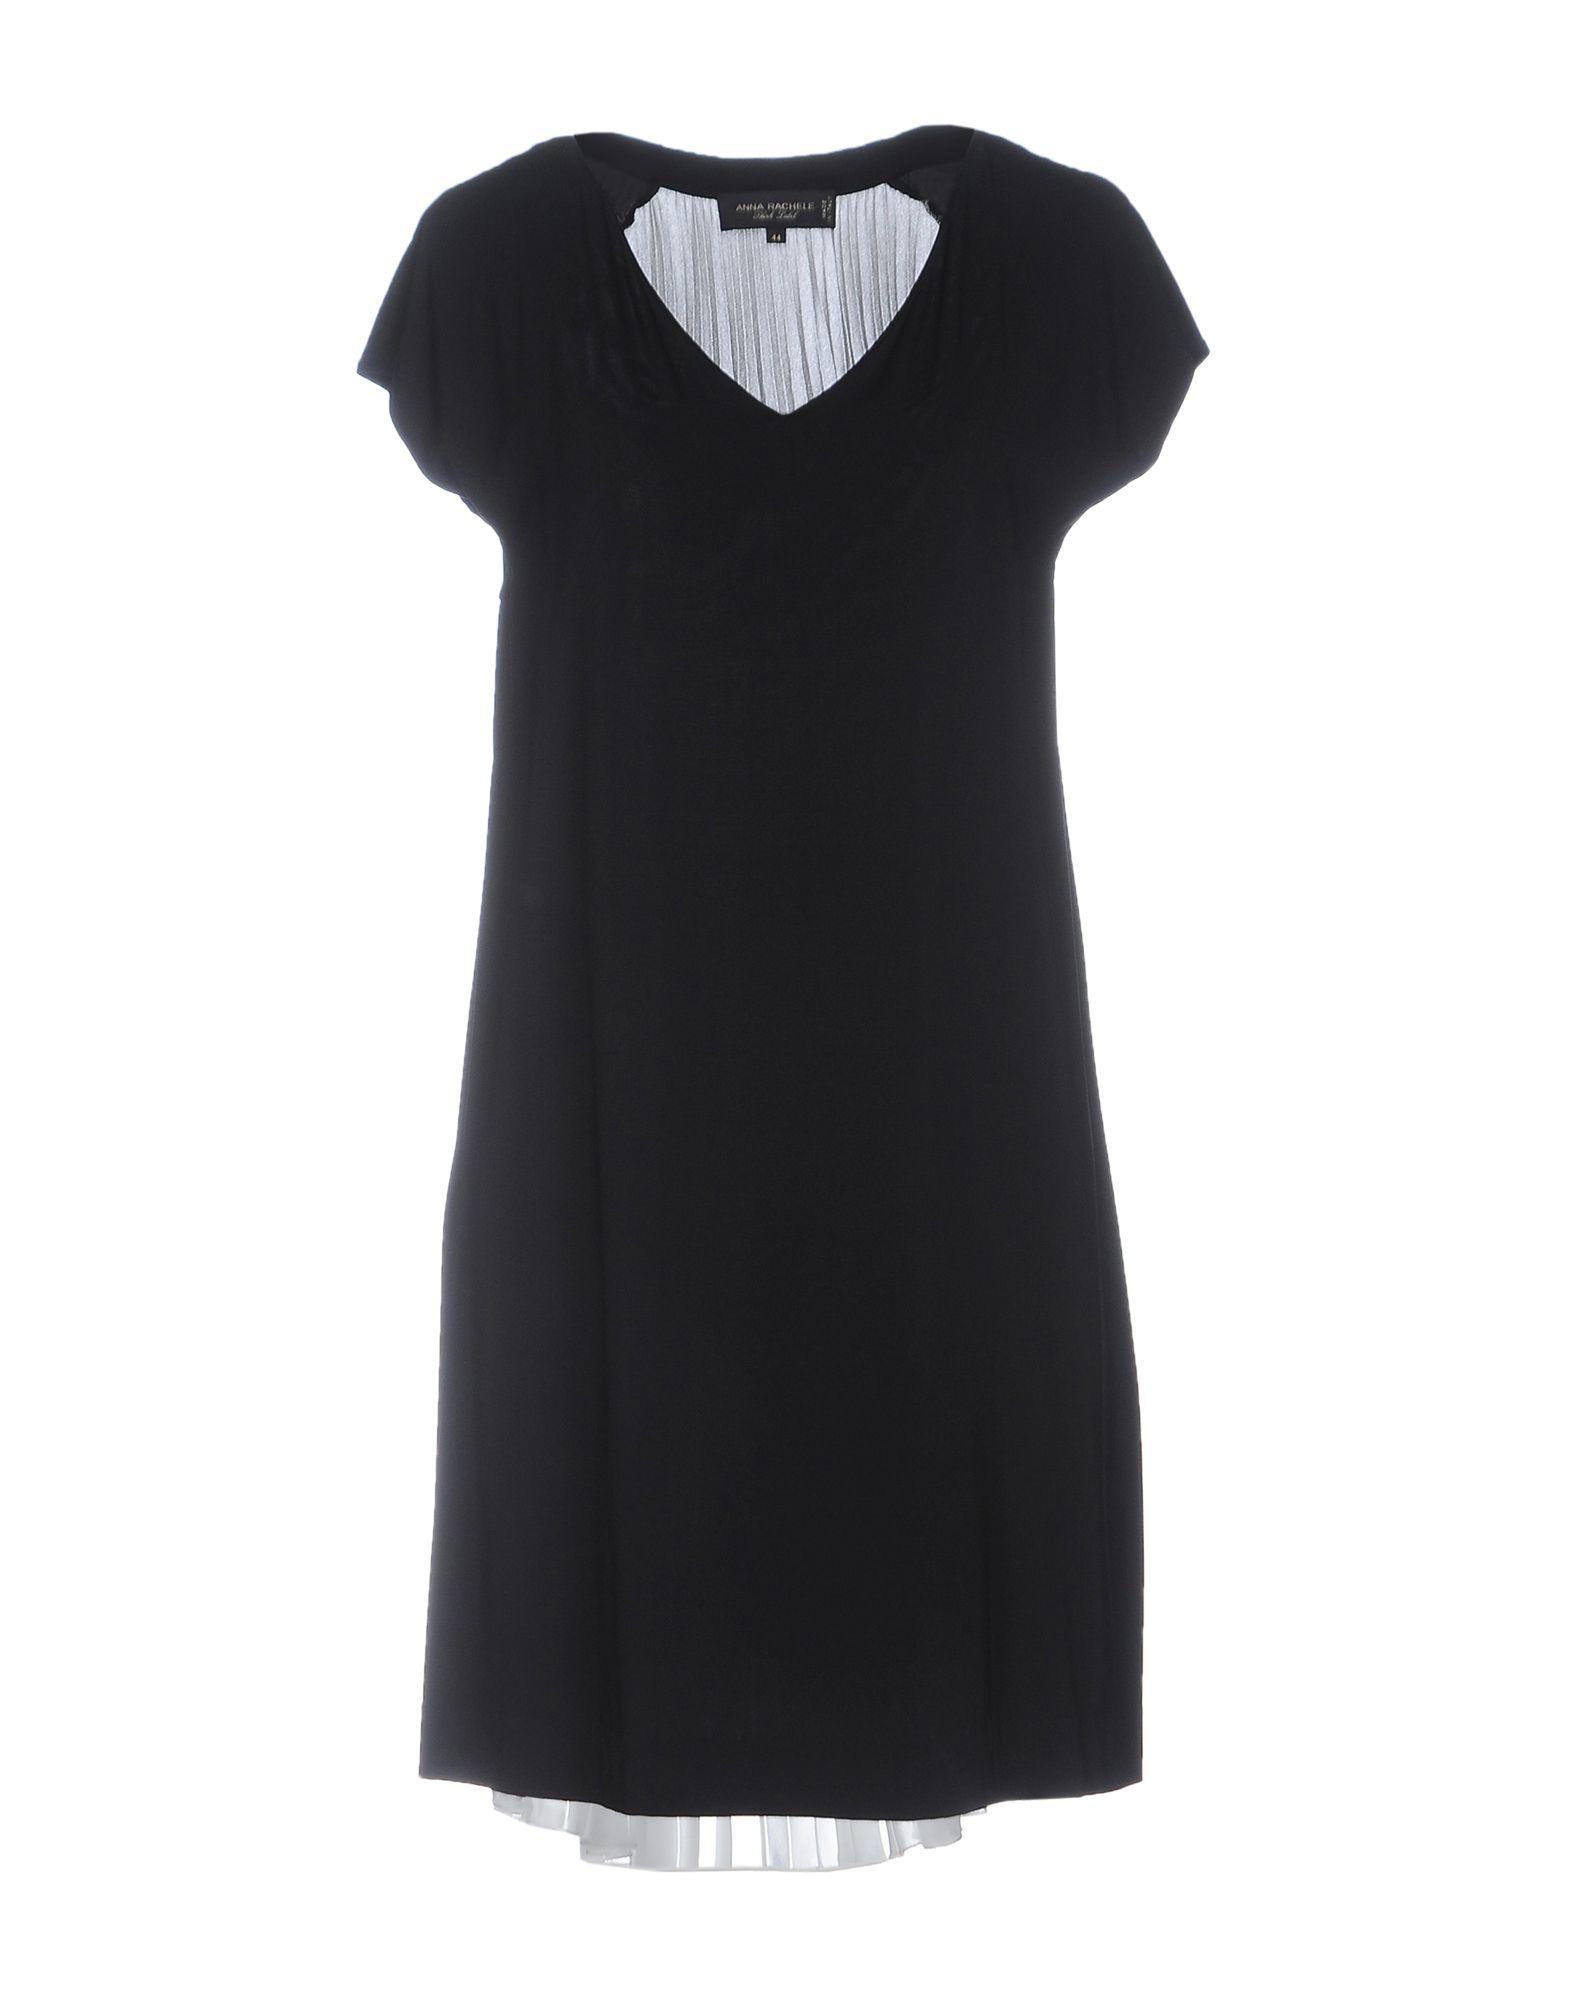 ANNA RACHELE BLACK LABEL Короткое платье